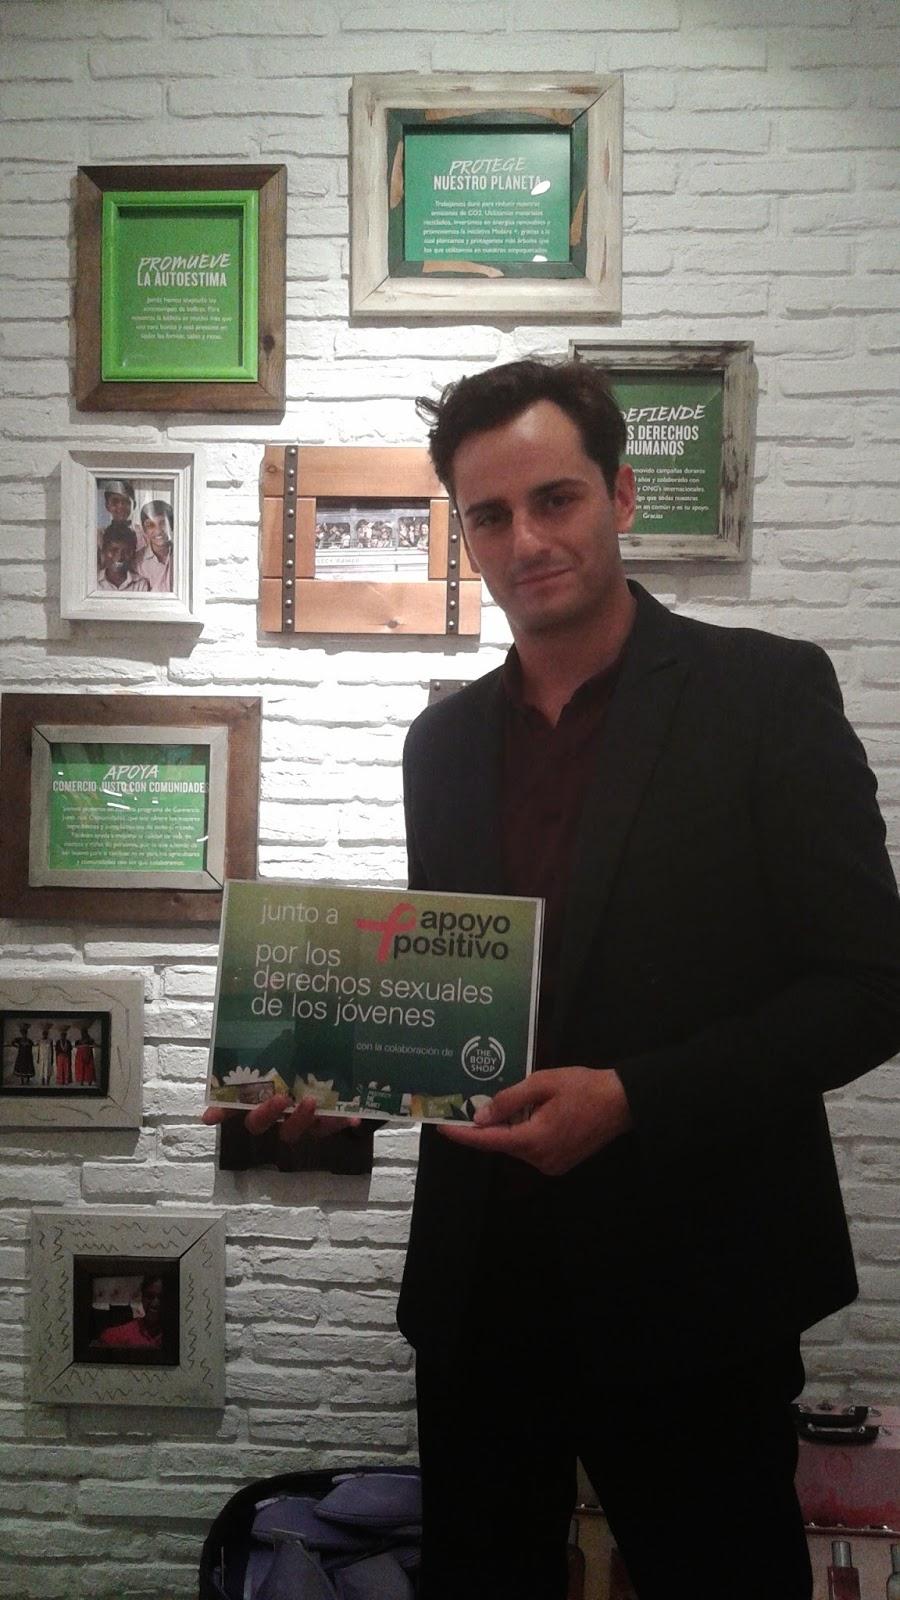 Asier Etxeandía colabora con The Body Shop y Apoyo Positivo